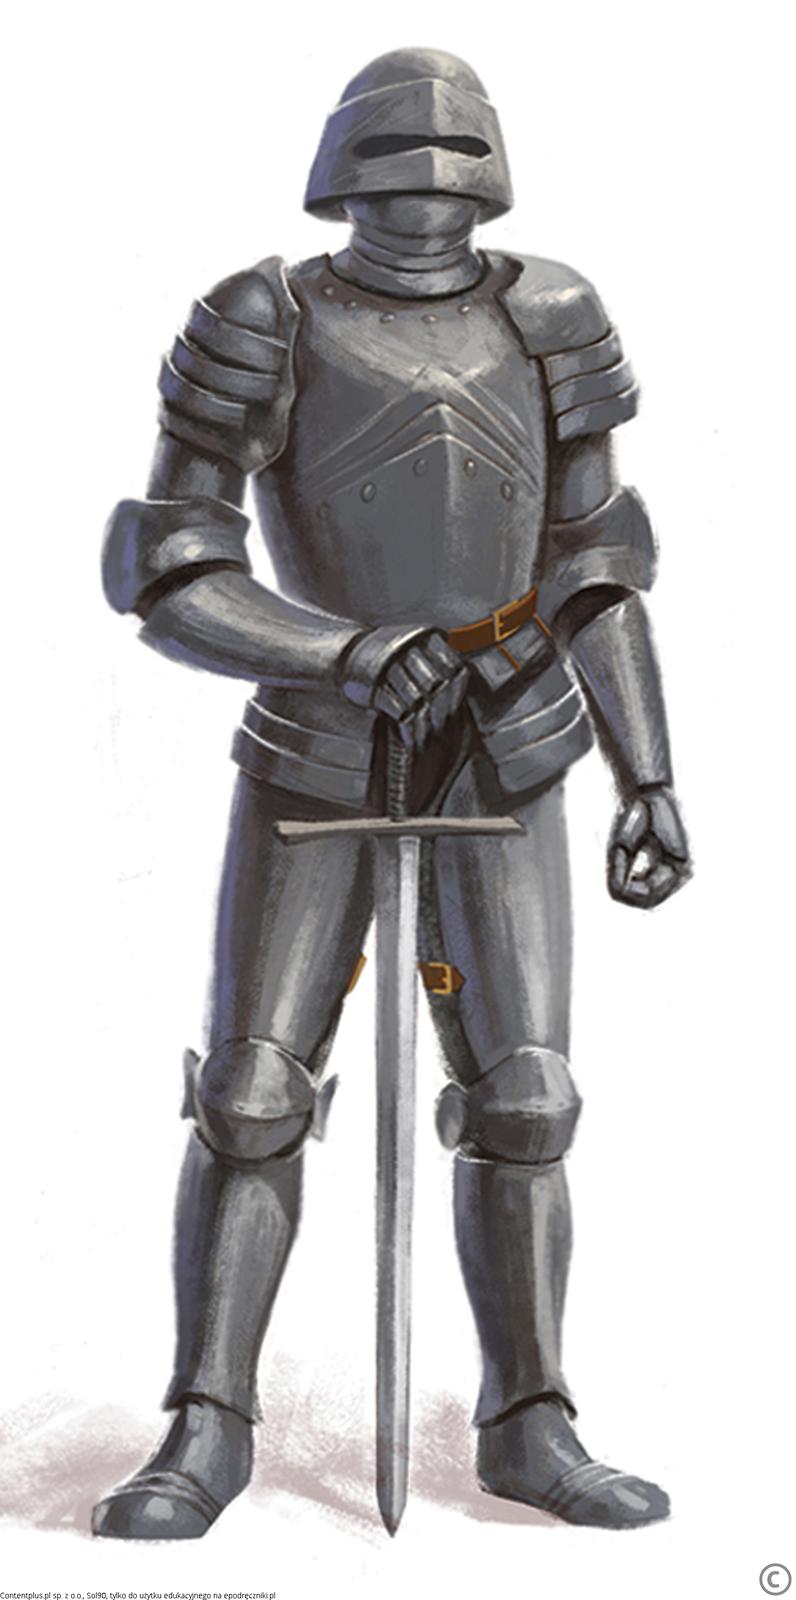 Rycerz wszarej zbroi stoi trzymając rękę na mieczu, którego czubek opiera się na ziemi. Wszystkie części ciała rycerza są osłonięte metalowymi blachami.